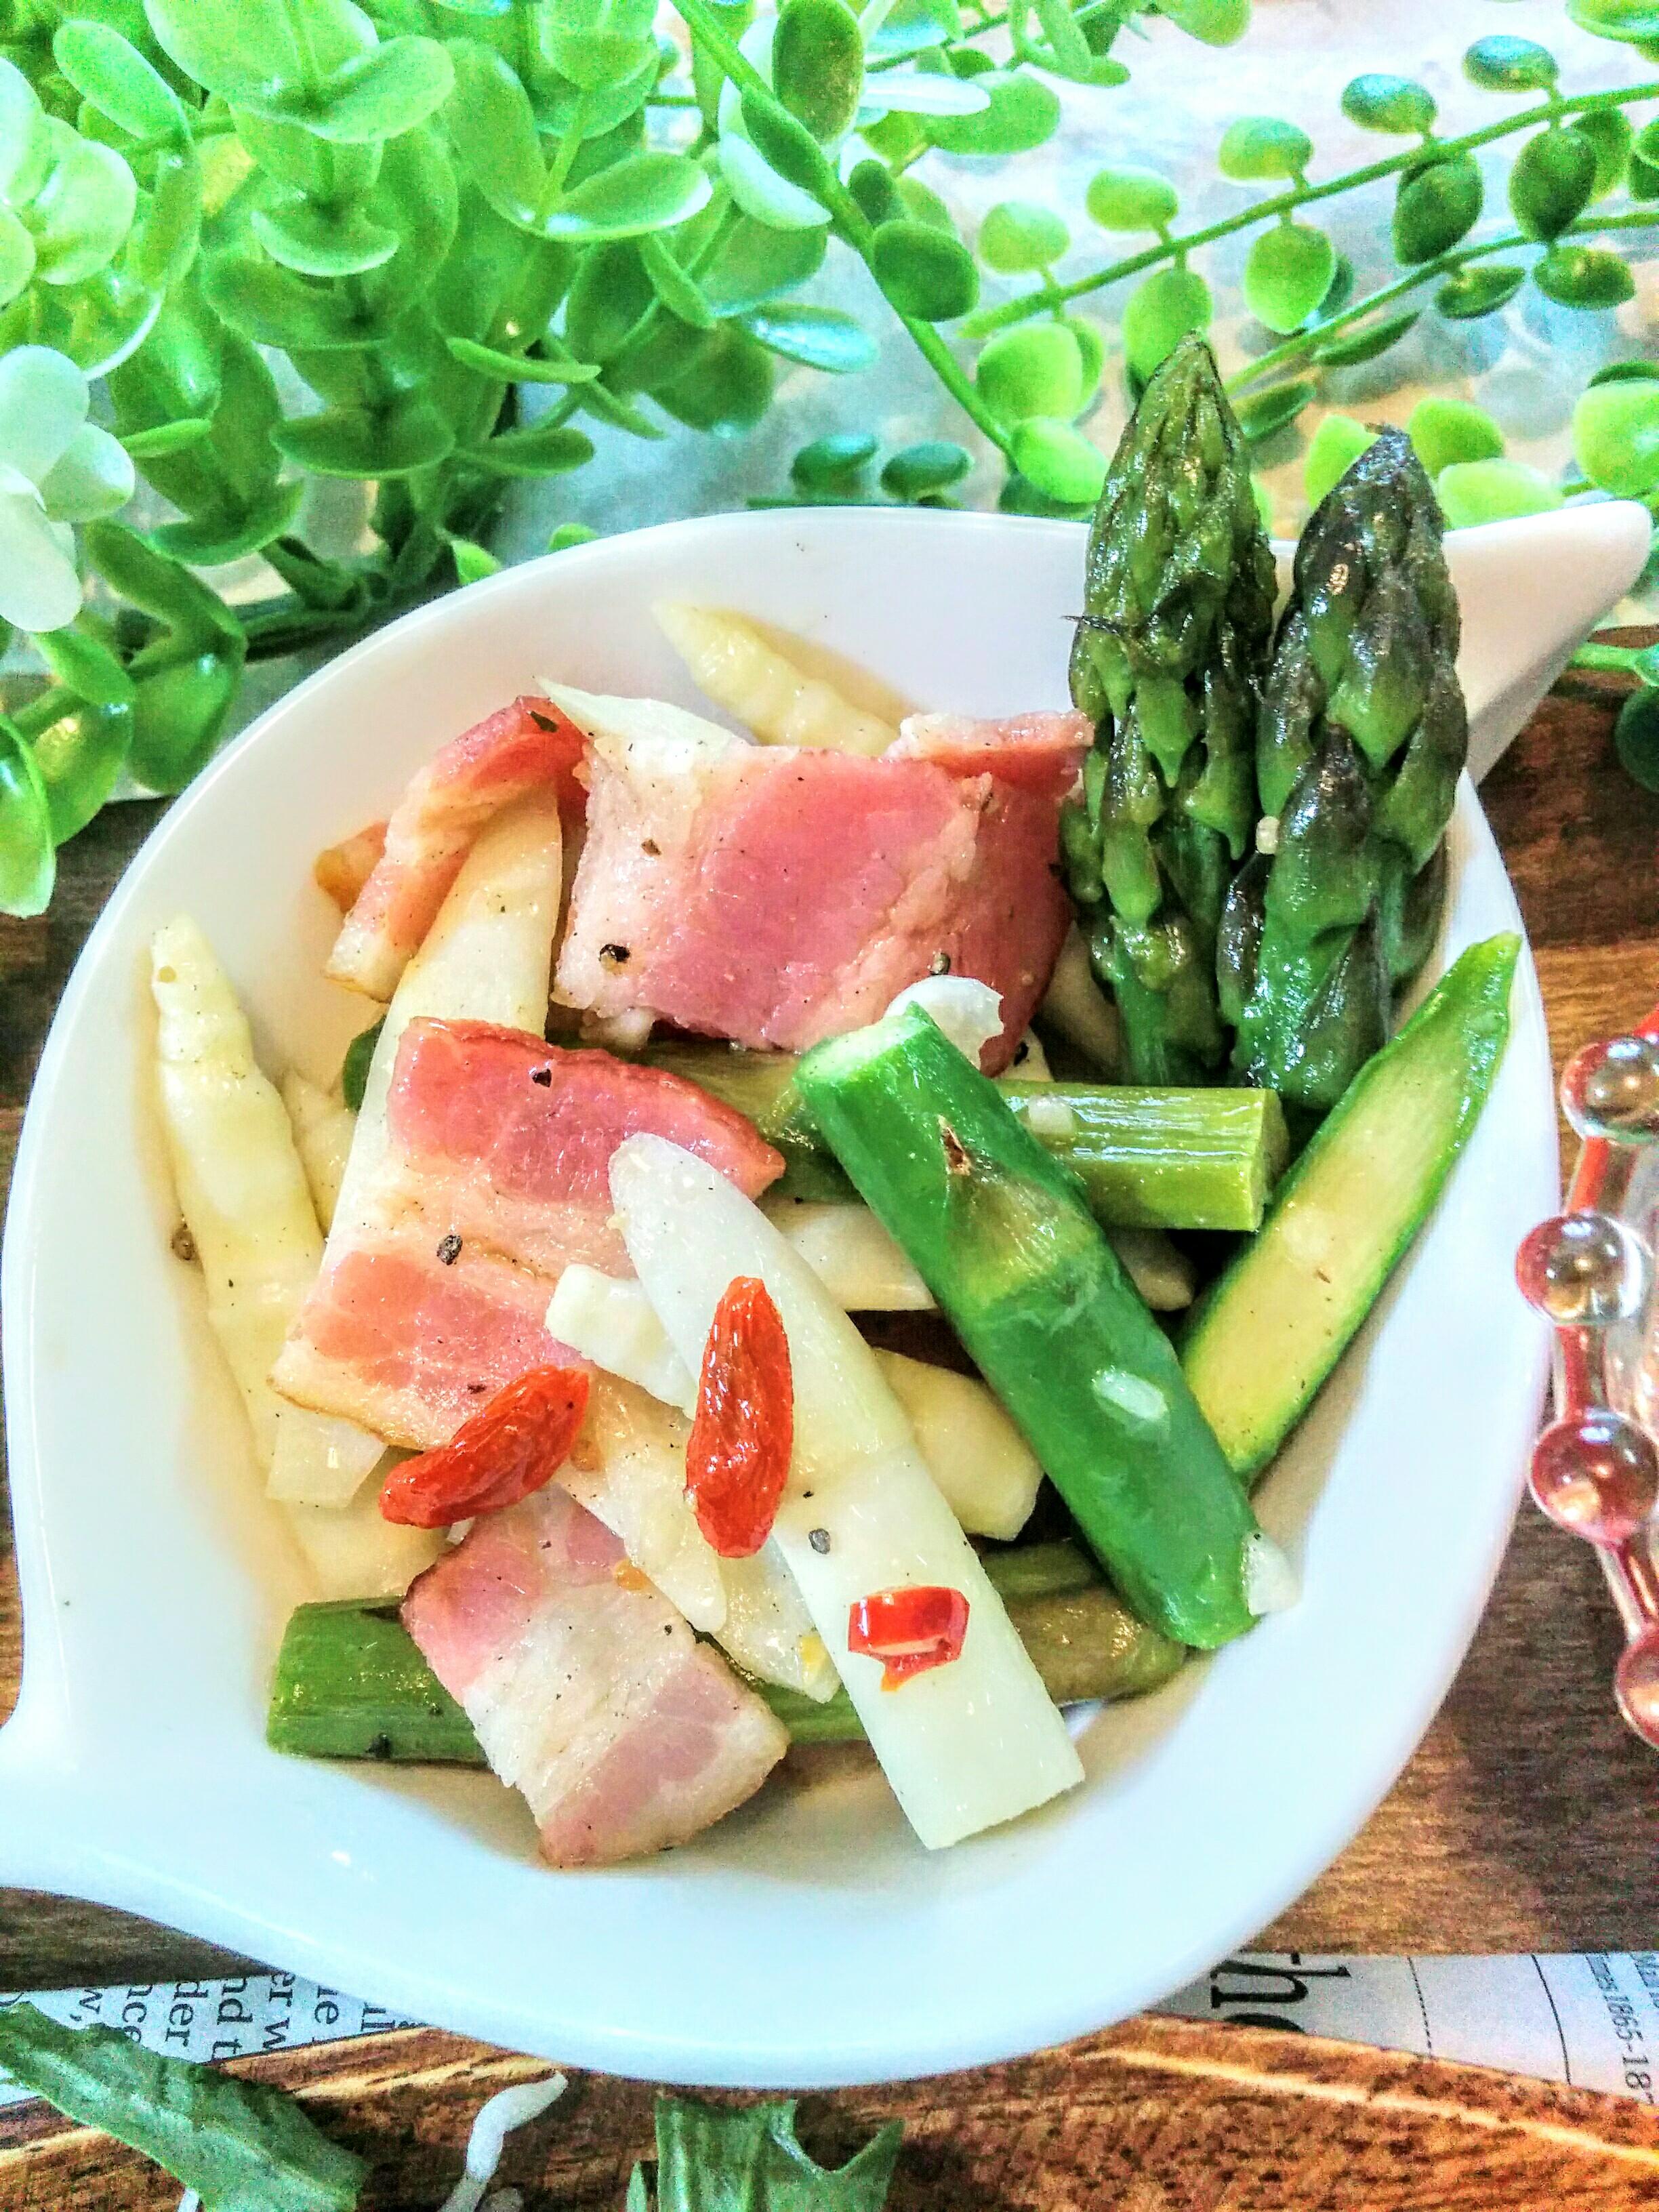 【小樽】お家御飯・姫竹の子とアスパラ・ベーコンのペペチーノ風炒めグルメ案内です。